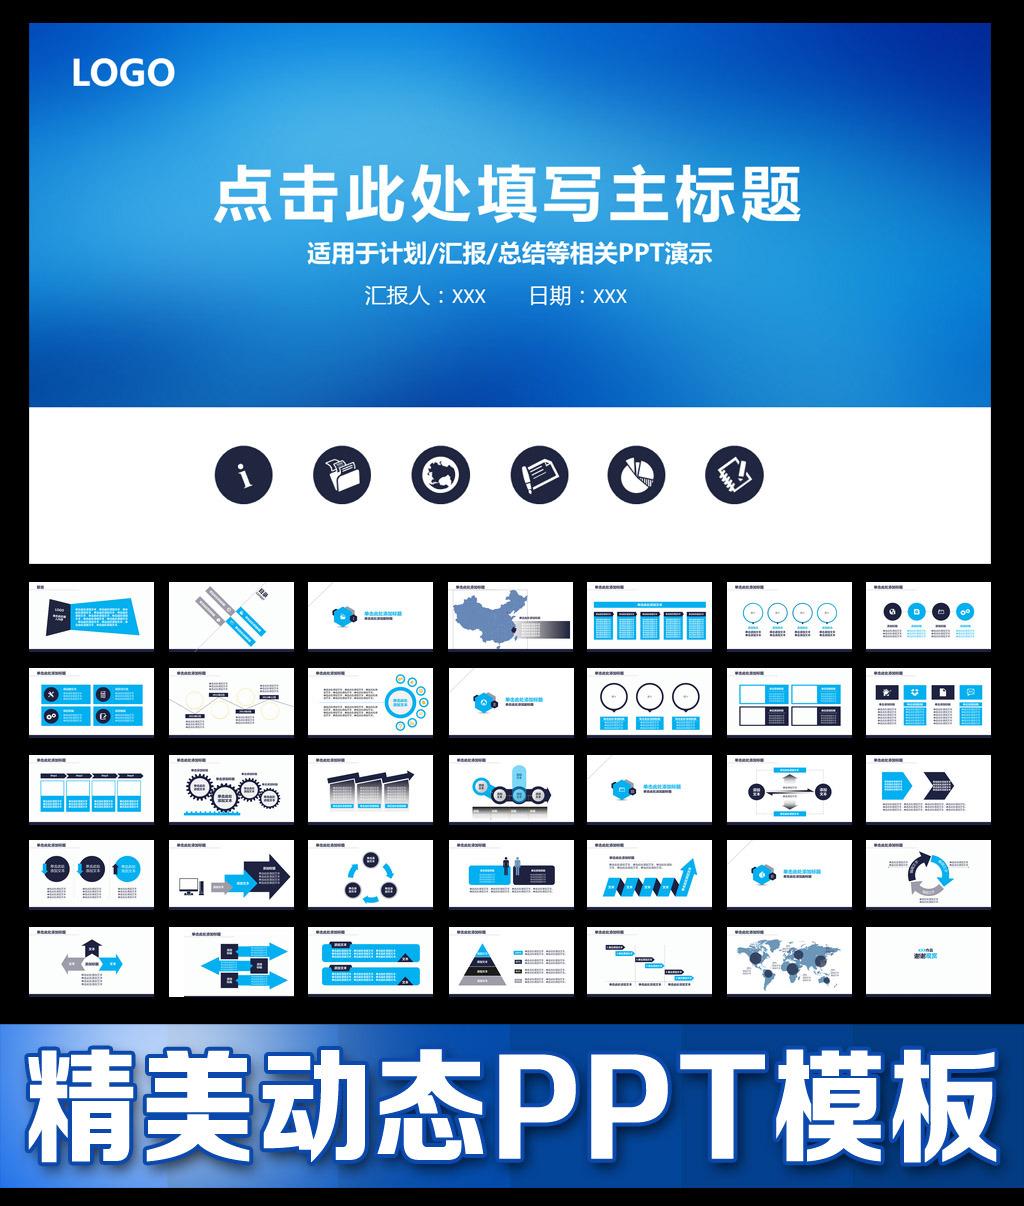 2015年度工作计划总结汇报ppt图片模板下载